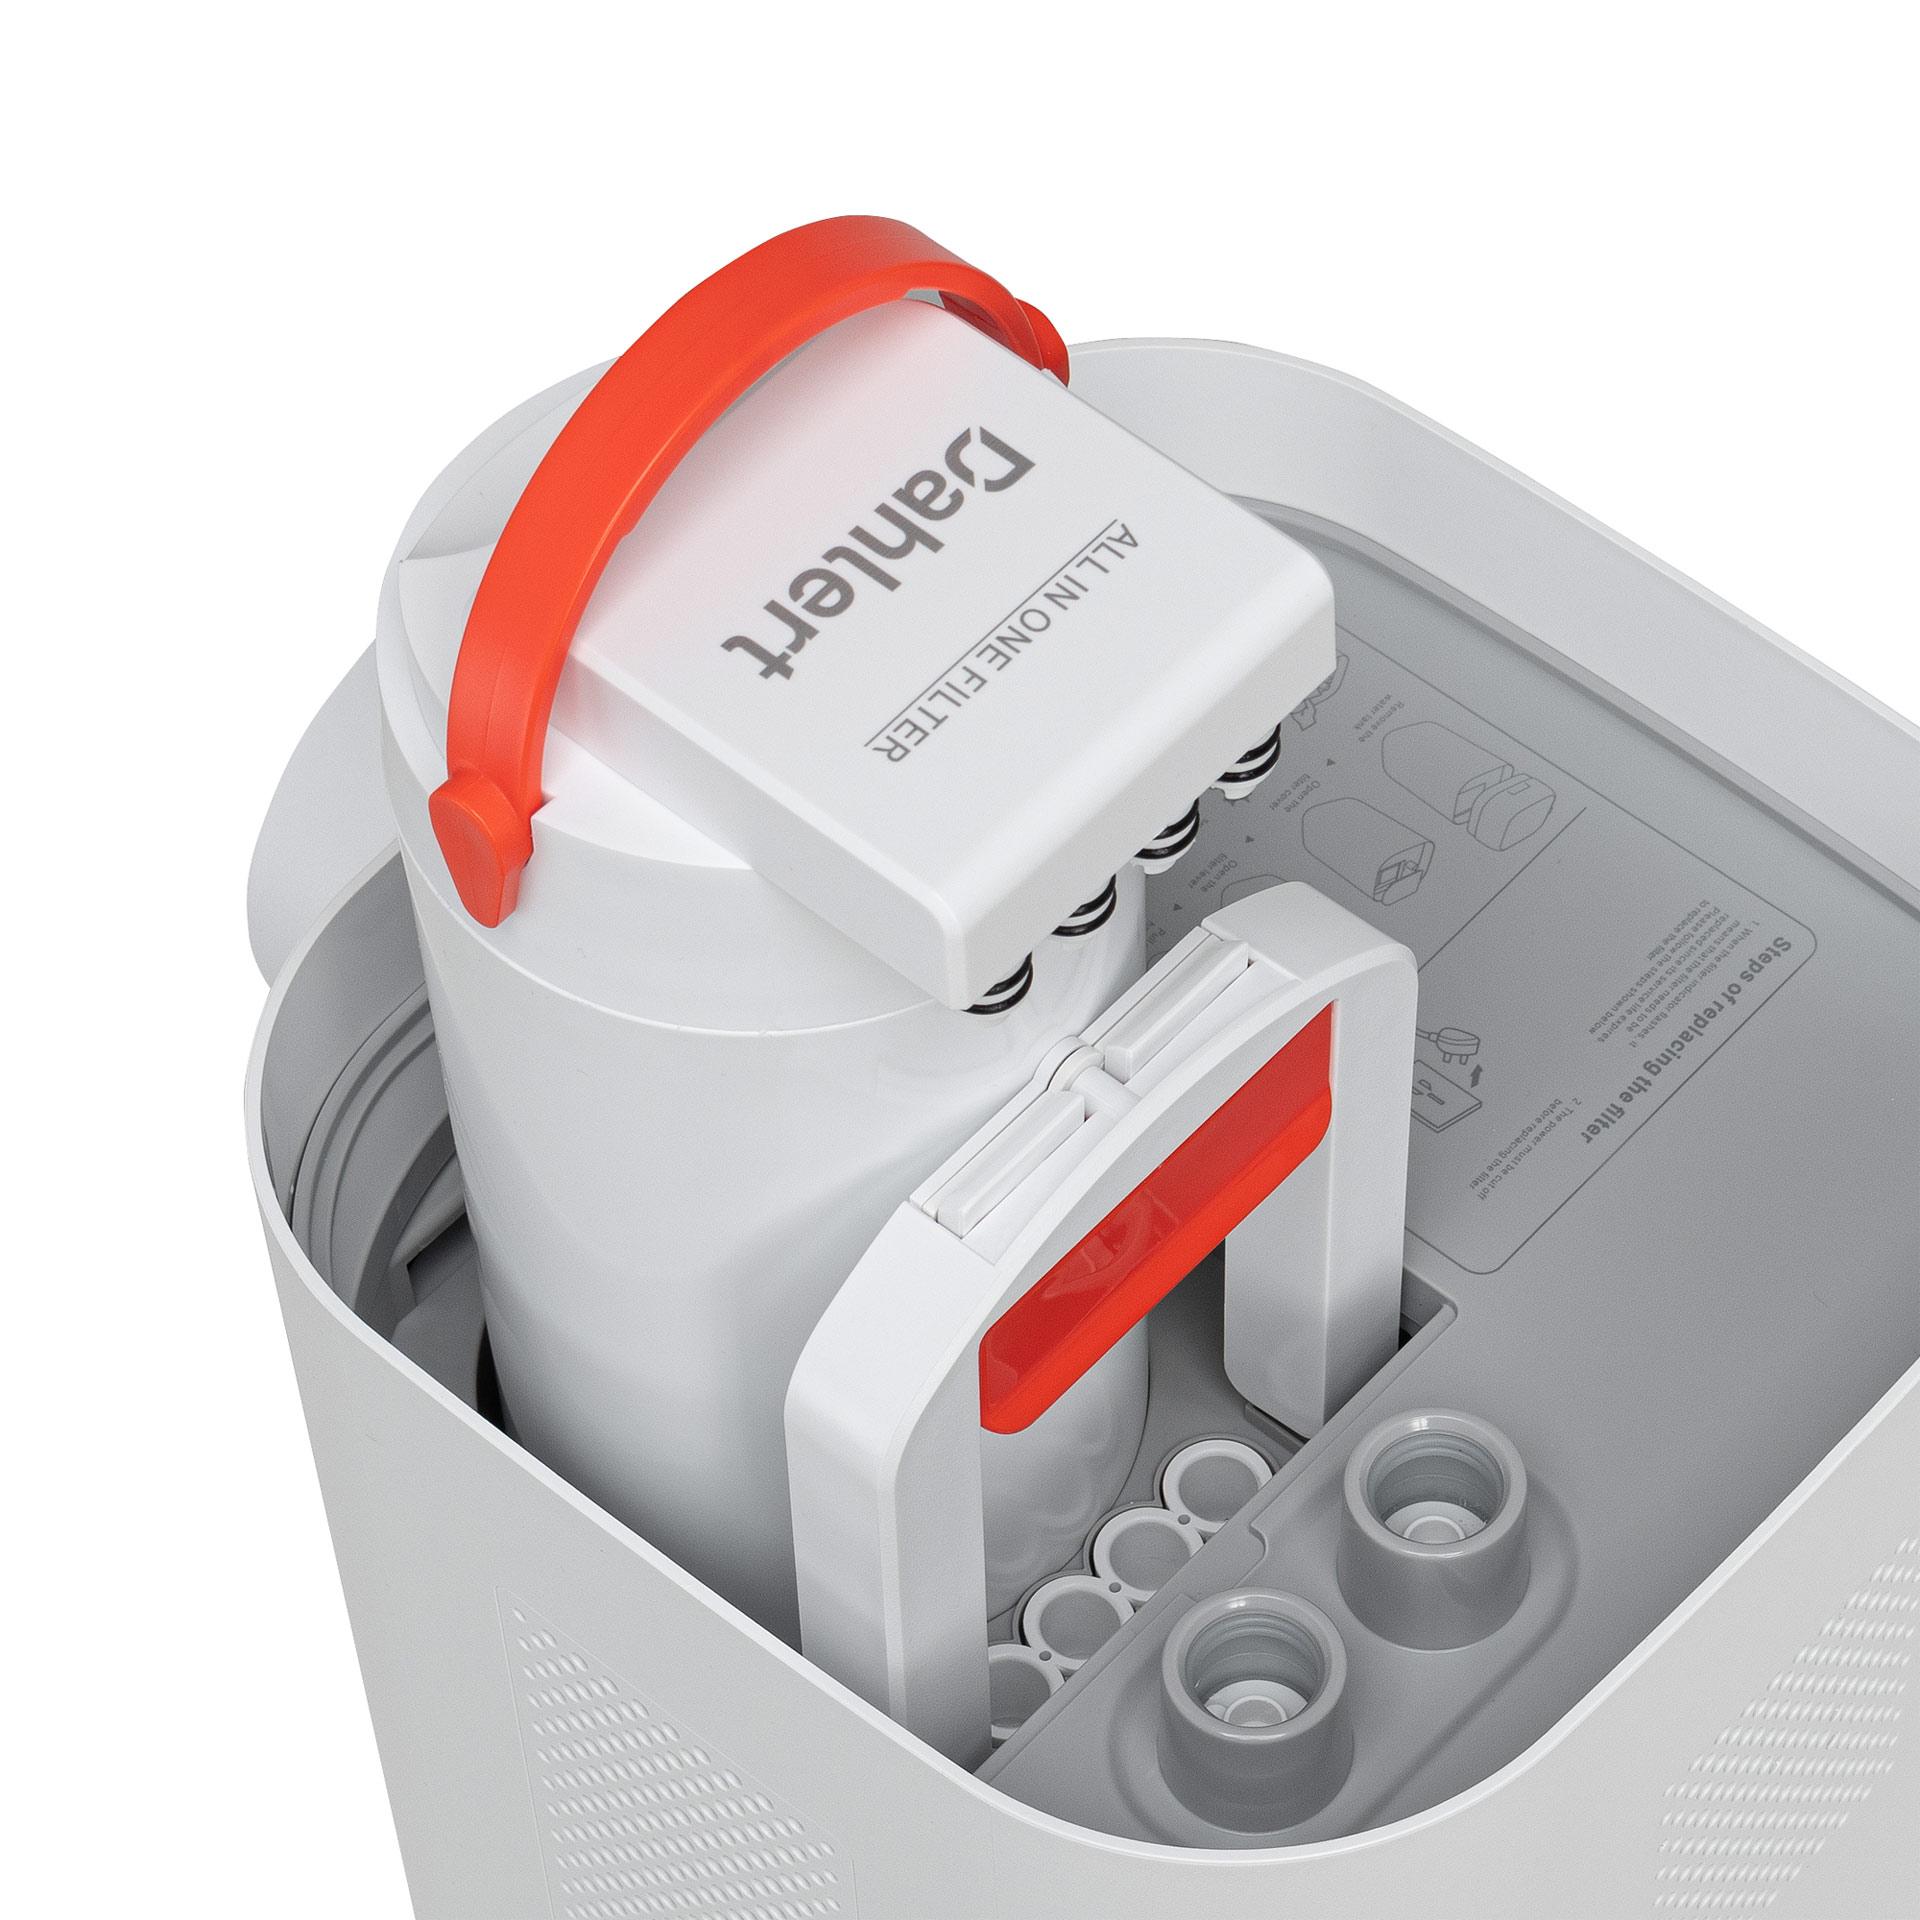 Dahlert DT-Wf-20 Ersatzkartusche - einfacher Wechsel des All-In-One Filters